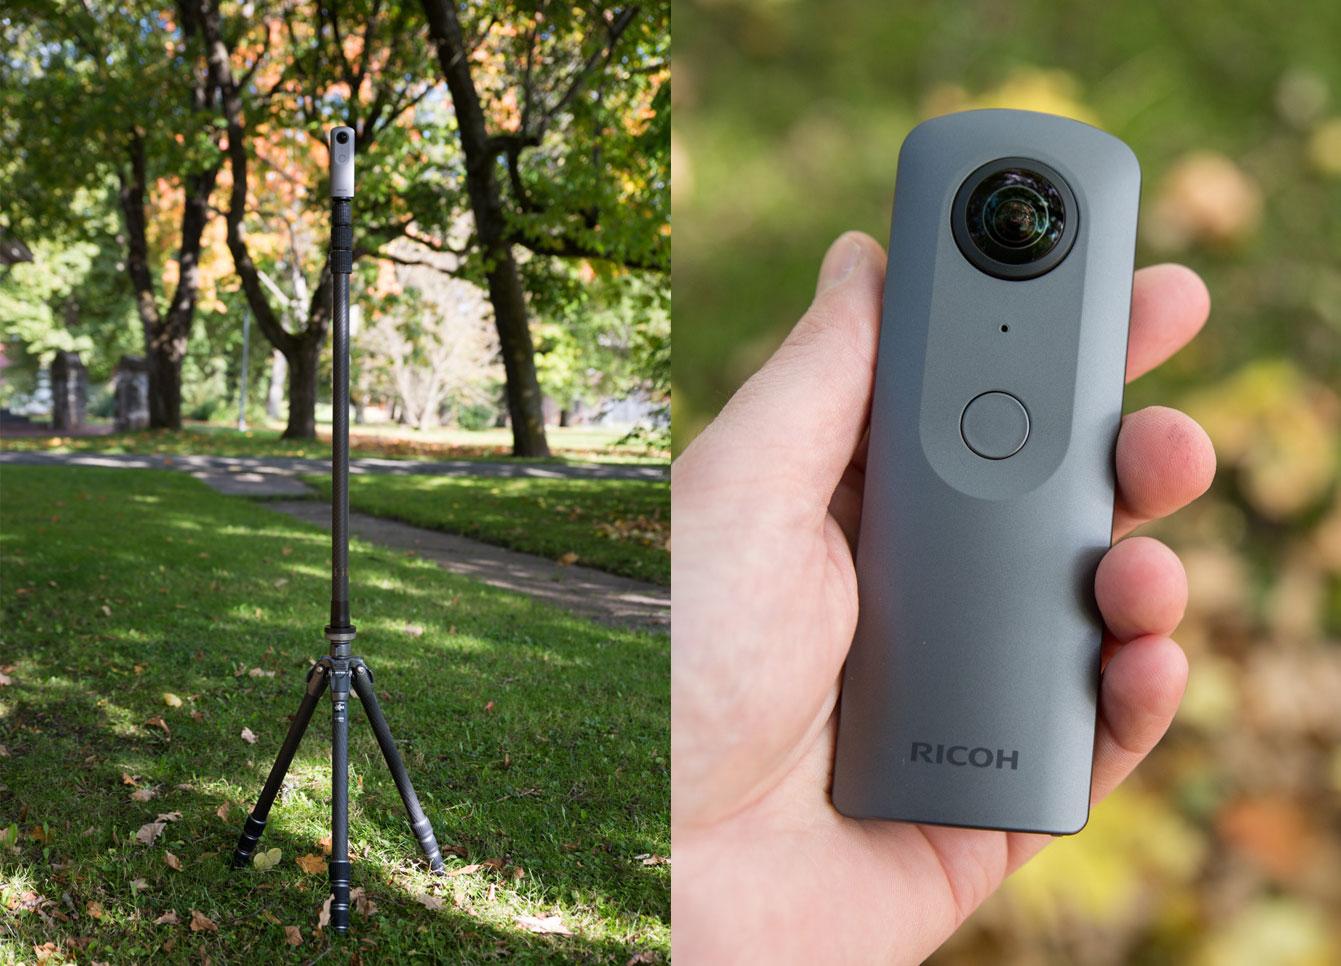 Ricoh Theta S rakenduse uusversioon toob olulised täiustused 360º videote salvestamisel ja haldamisel